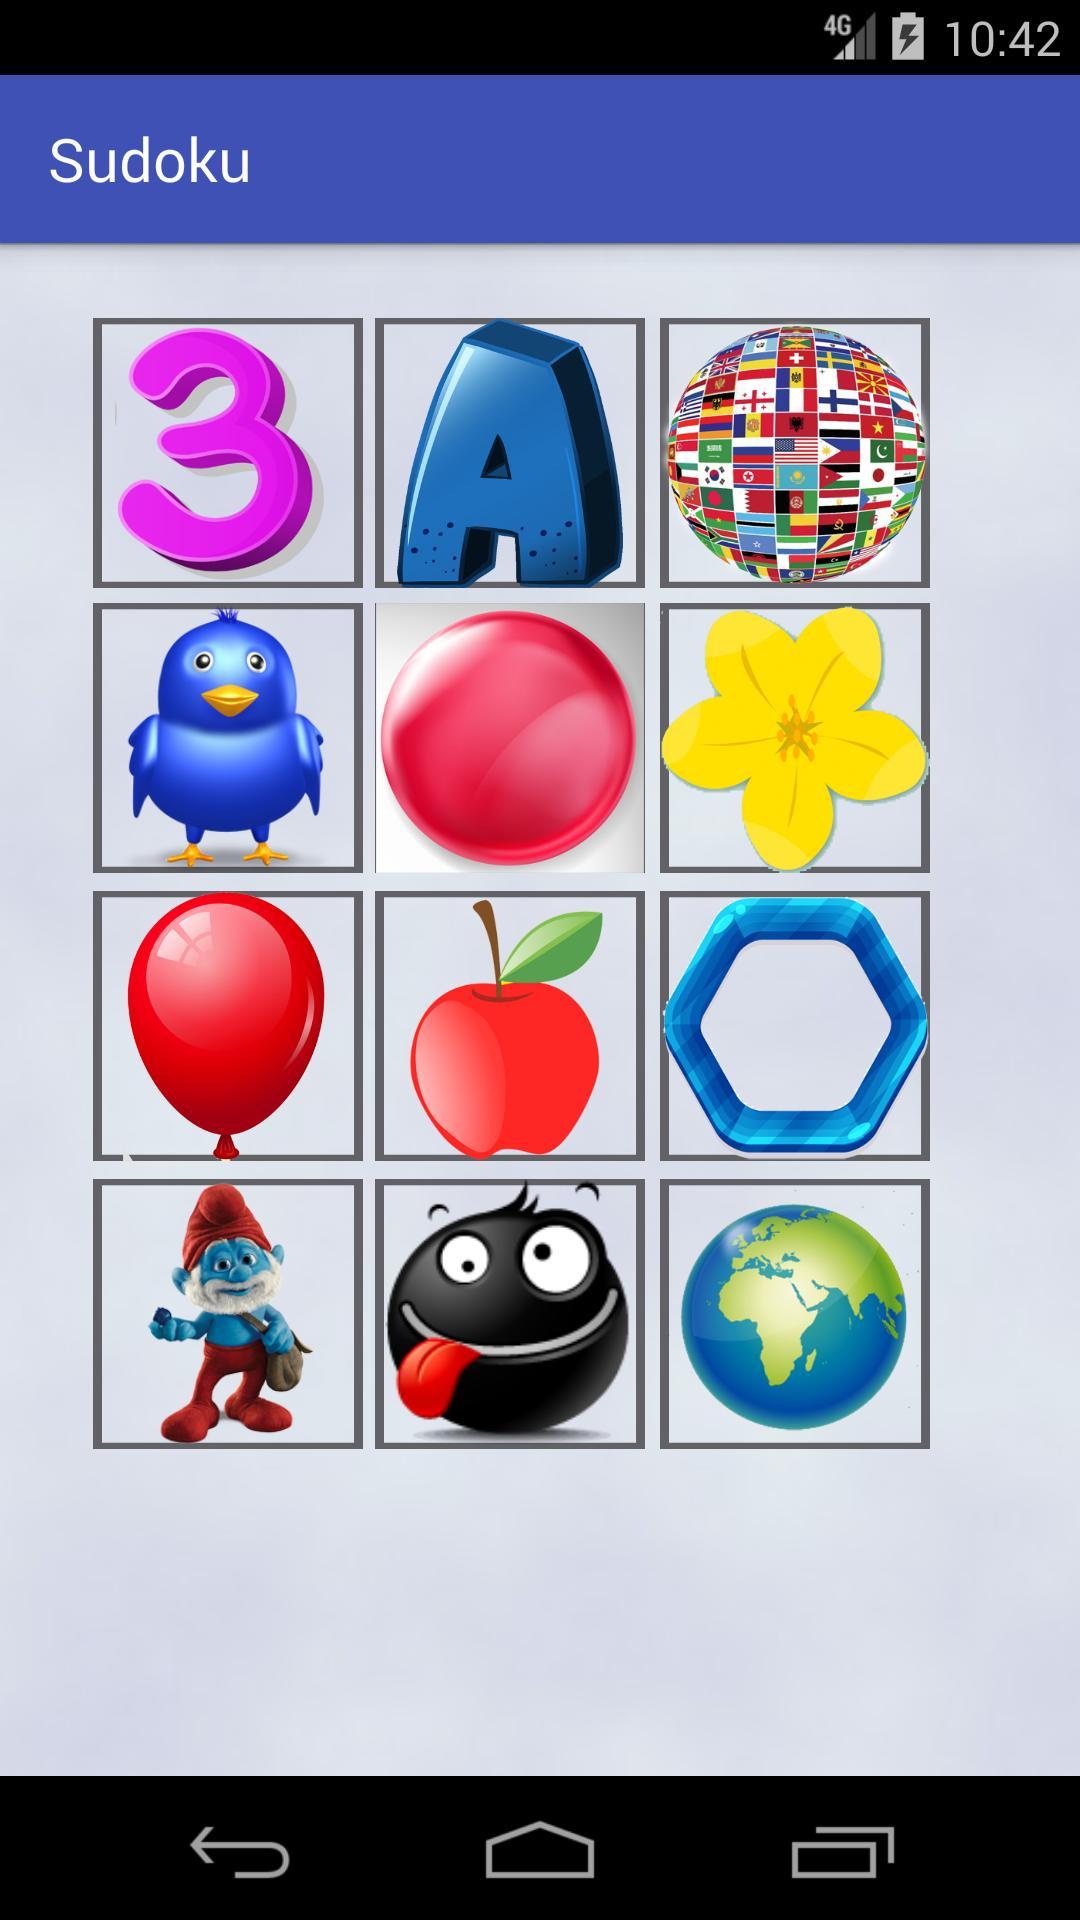 Jeu De Sudoku Pour Les Enfants Pour Android - Téléchargez L'apk destiné Sudoku Gratuit Enfant